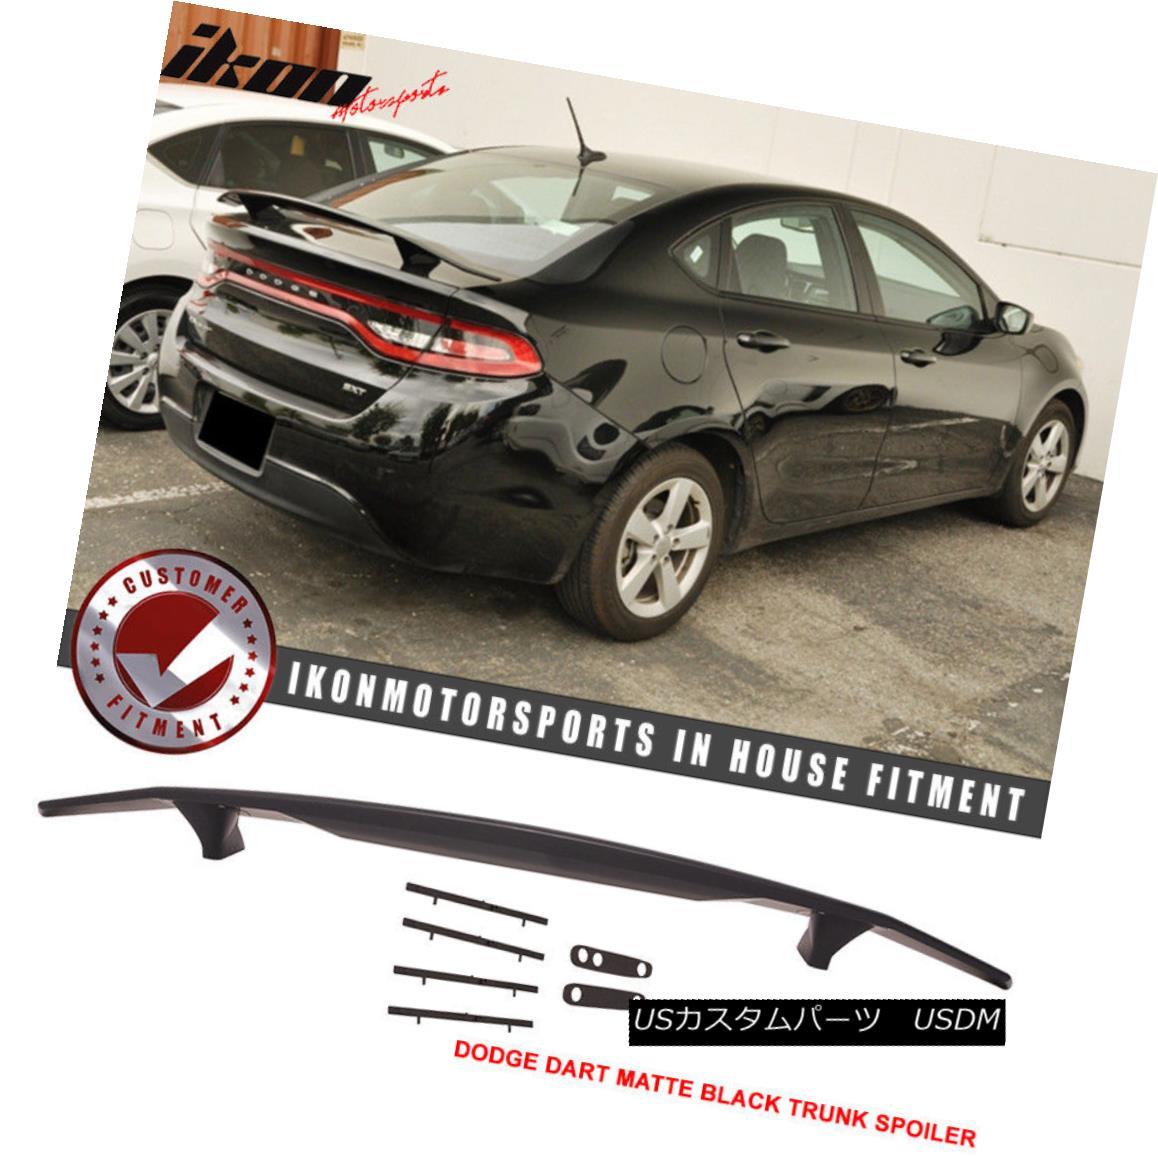 エアロパーツ Fits 13-16 Dodge Dart Matte Black Trunk Spoiler Wing - ABS フィット13-16ダッジダートマットブラックトランクスポイラーウィング - ABS